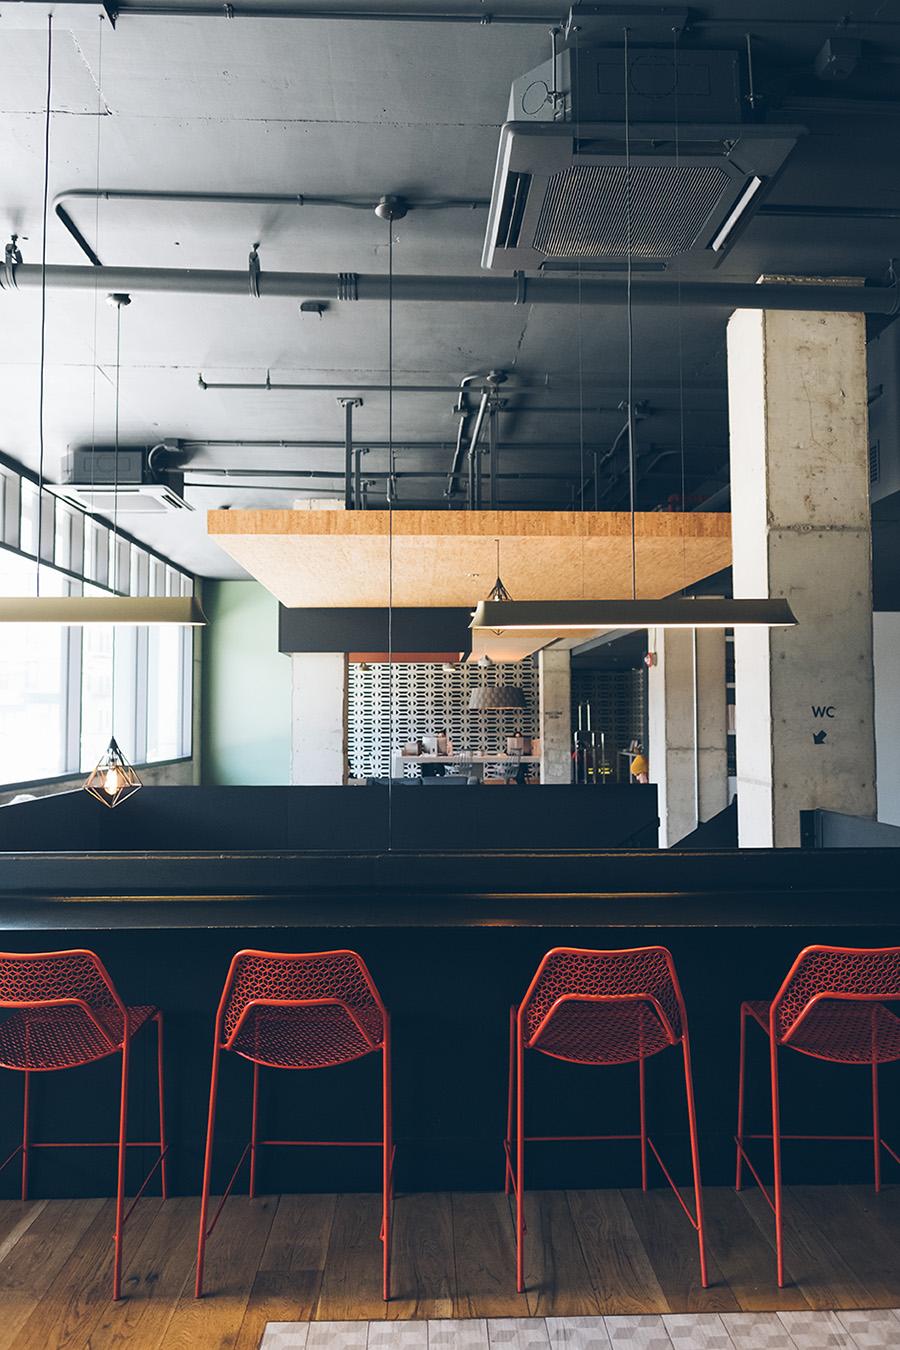 BORO-HOTEL-NEW-YORK-CITY-LIC-STAYCATION-CYNTHIACHUNG--32.jpg